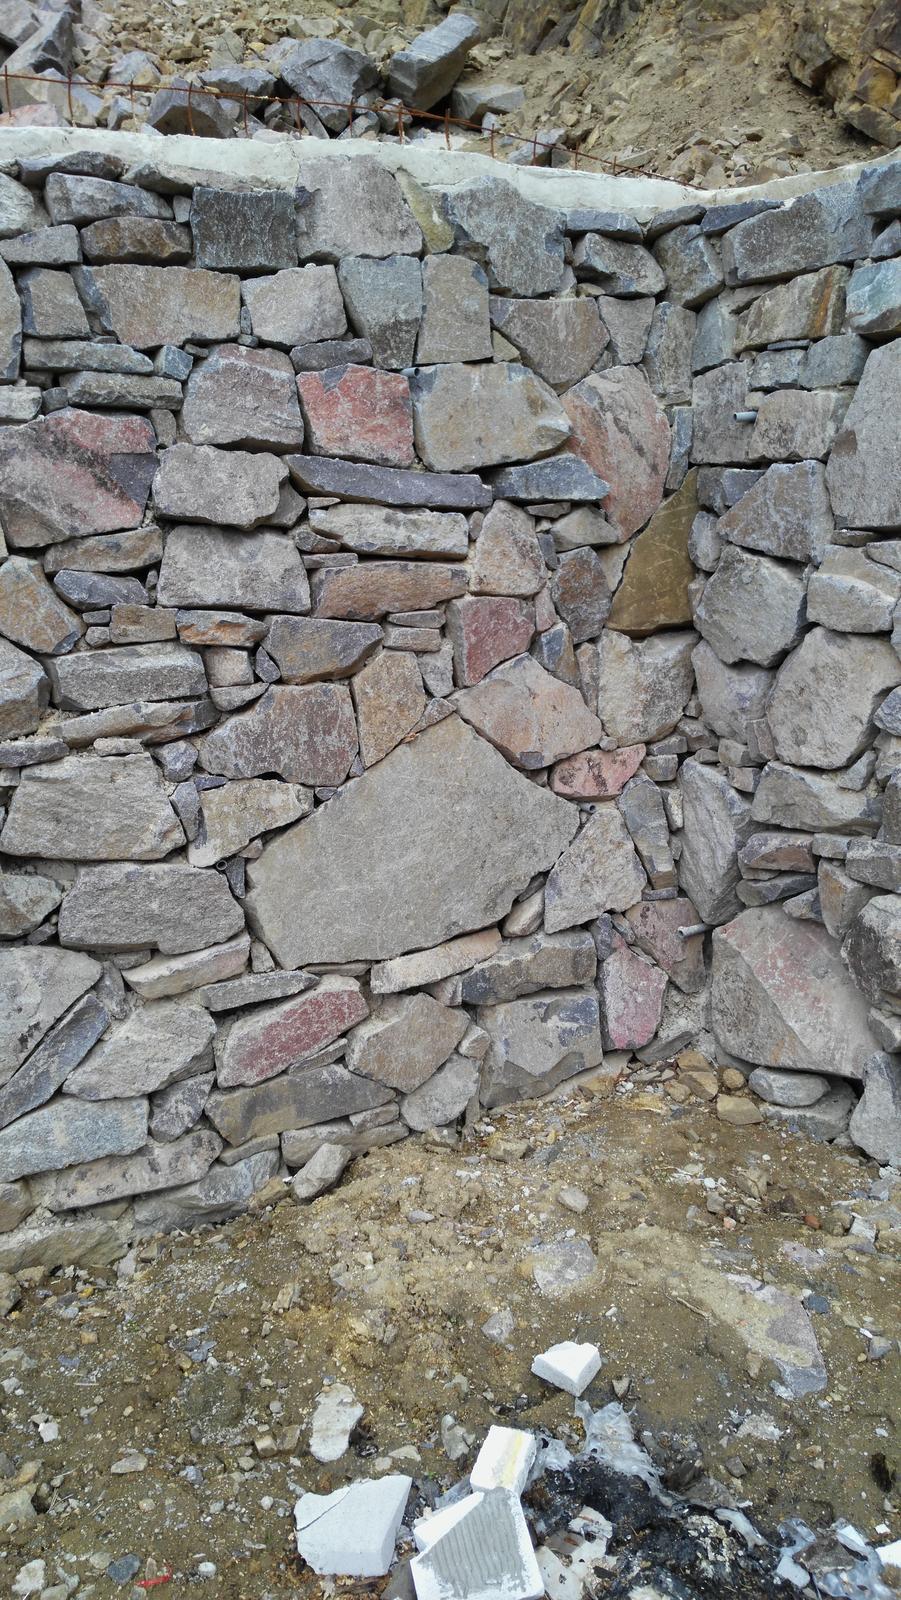 12. GreenSteel - vegetačný strmý svah ( doplnené 12.6.2020 ) - 2019_04 Múr zhotovili z veľmi pekných kamenných balvanov uložených tak, aby nebolo vidieť betón za nimi.